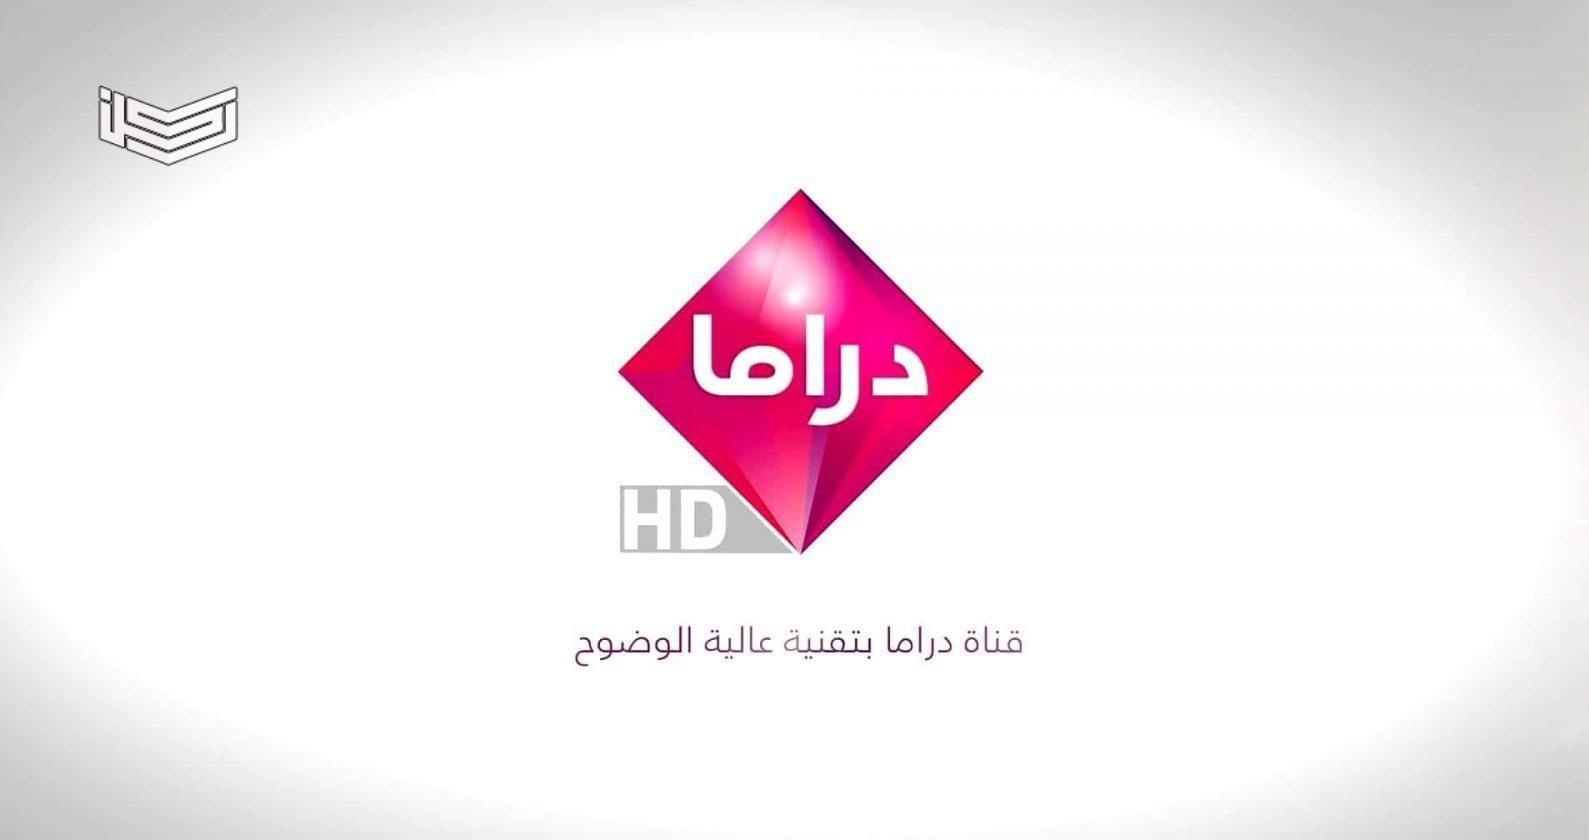 تردد قناة أبوظبي دراما على النايل سات وعرب سات وياه سات 2020